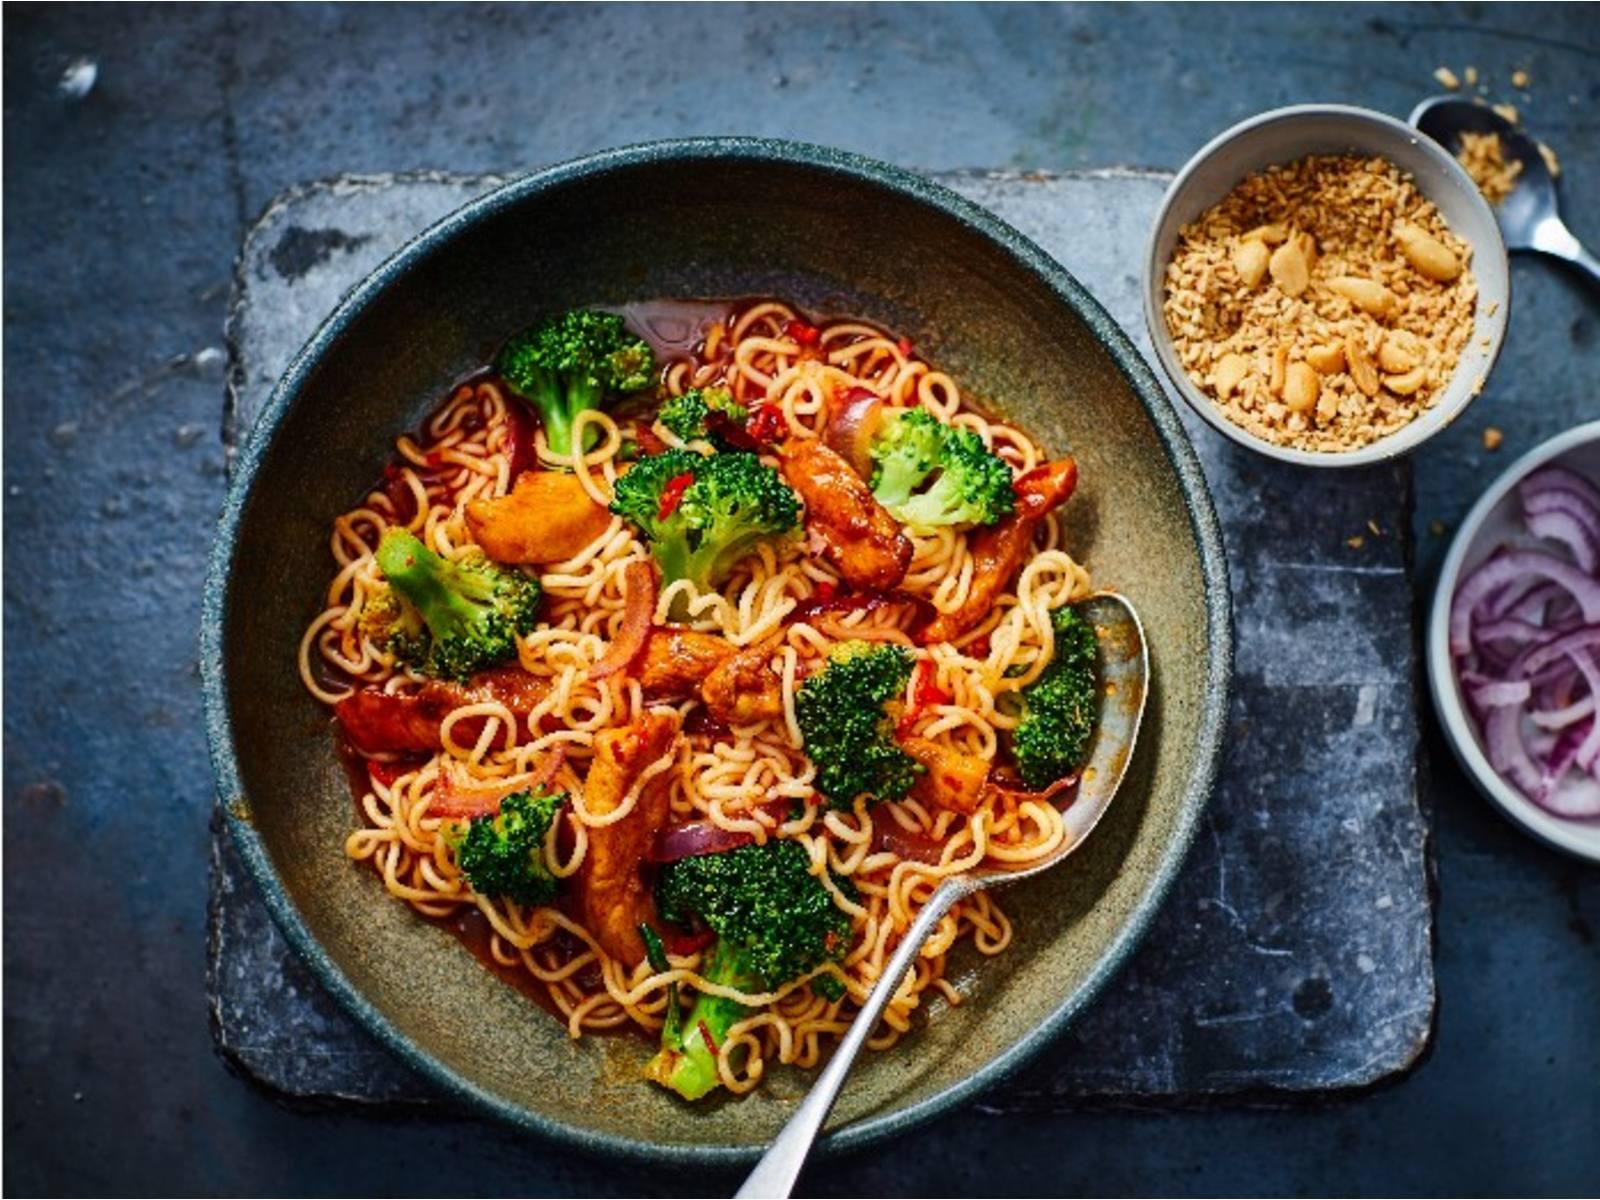 Sweet & Sour Woknoedels met kip, broccoli en seroendeng